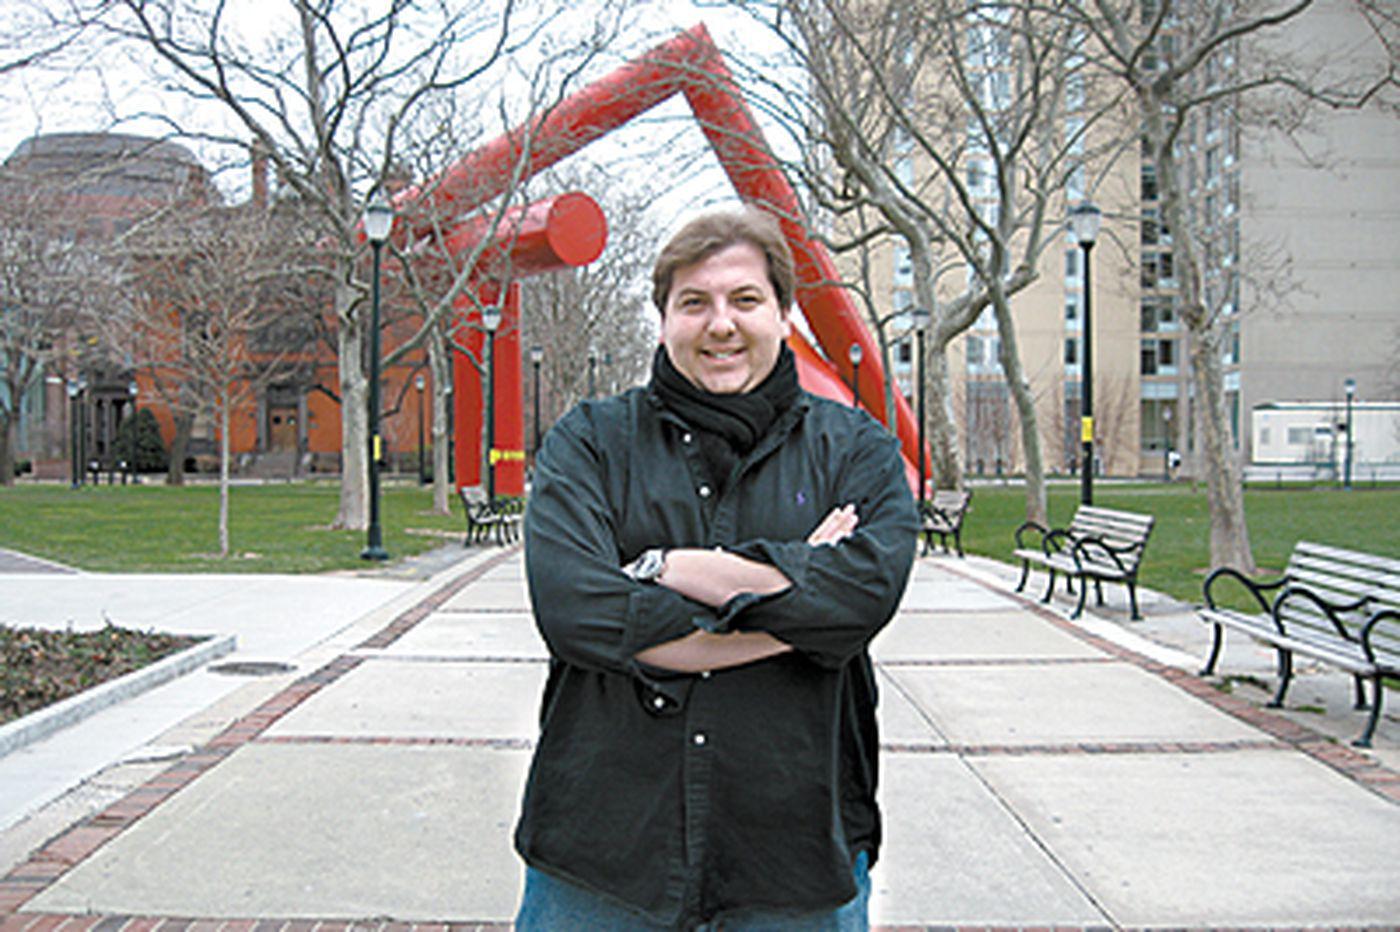 For Penn student, a matter of (11) degrees